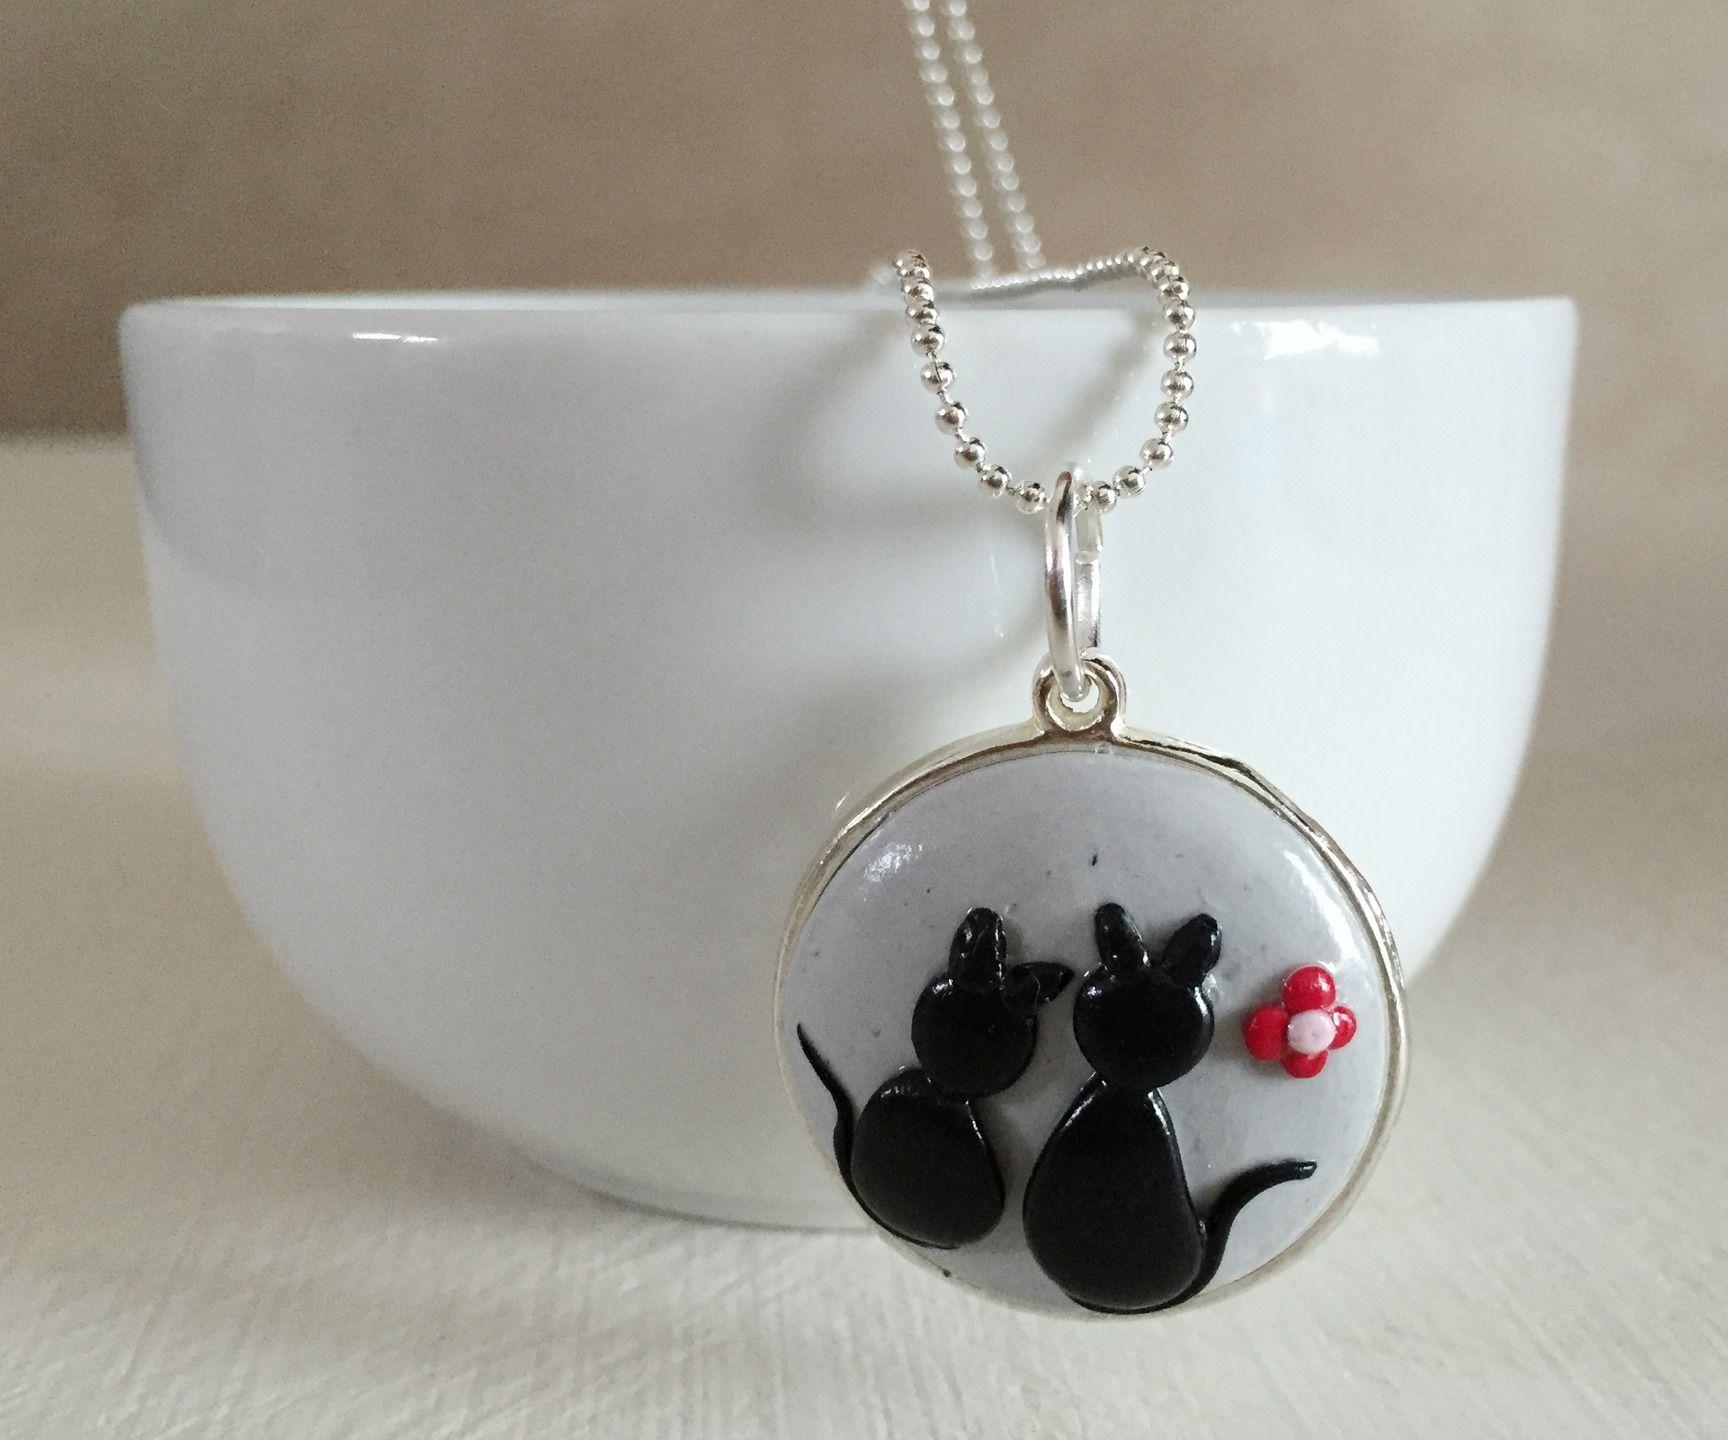 collier m daillon petits chats noirs en argile polym re collier par floralice bijoux. Black Bedroom Furniture Sets. Home Design Ideas